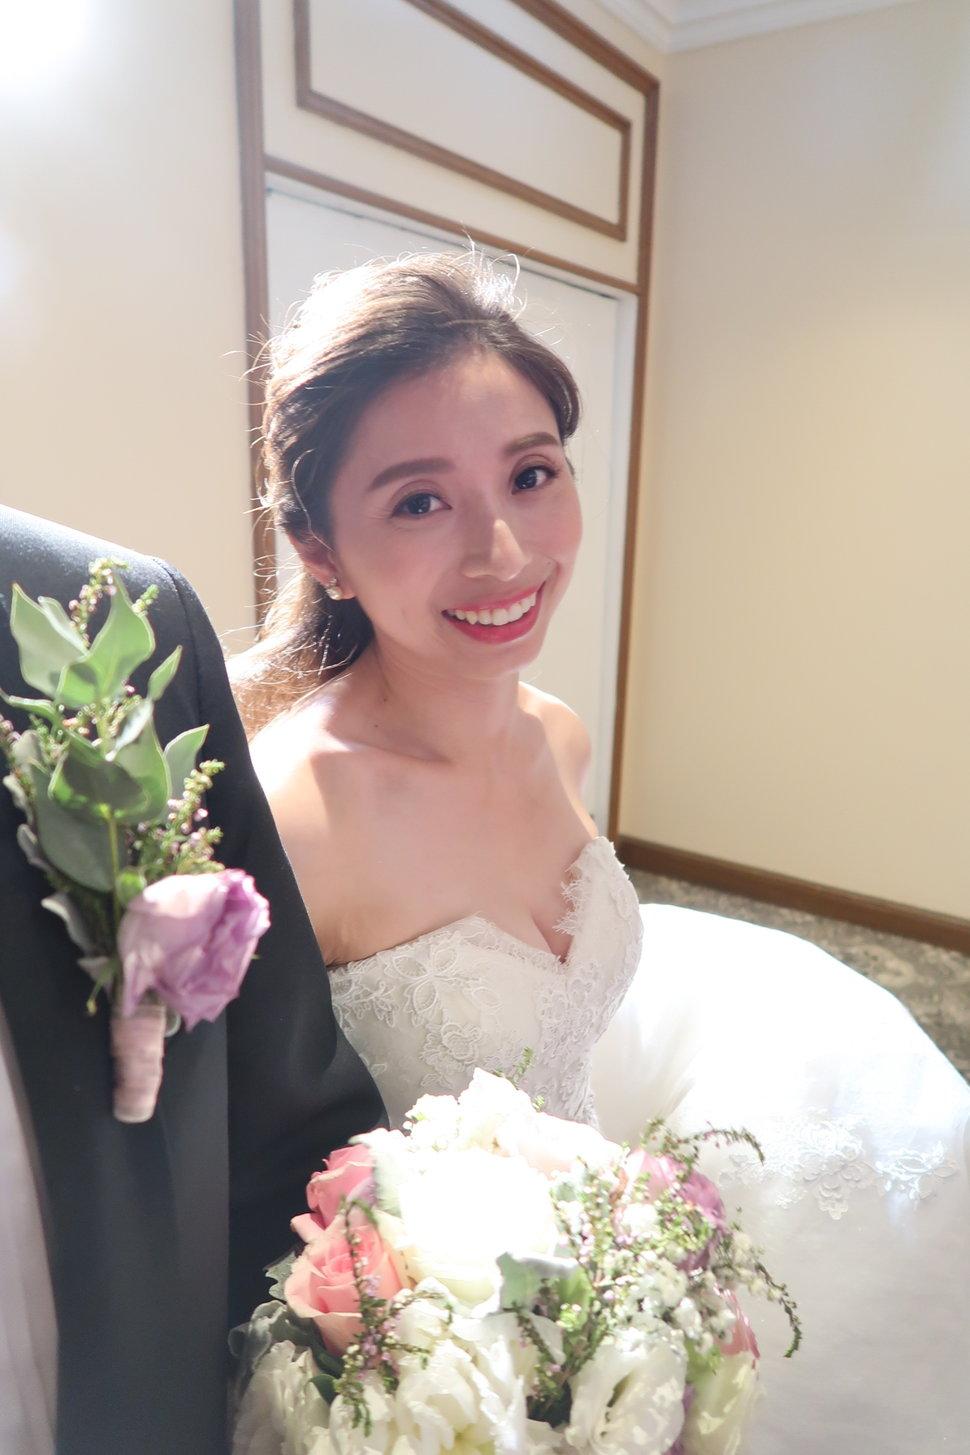 2AB63A45-4D6E-47FF-B3E9-543AA829A2A9 - Lydia姿君wedding style - 結婚吧